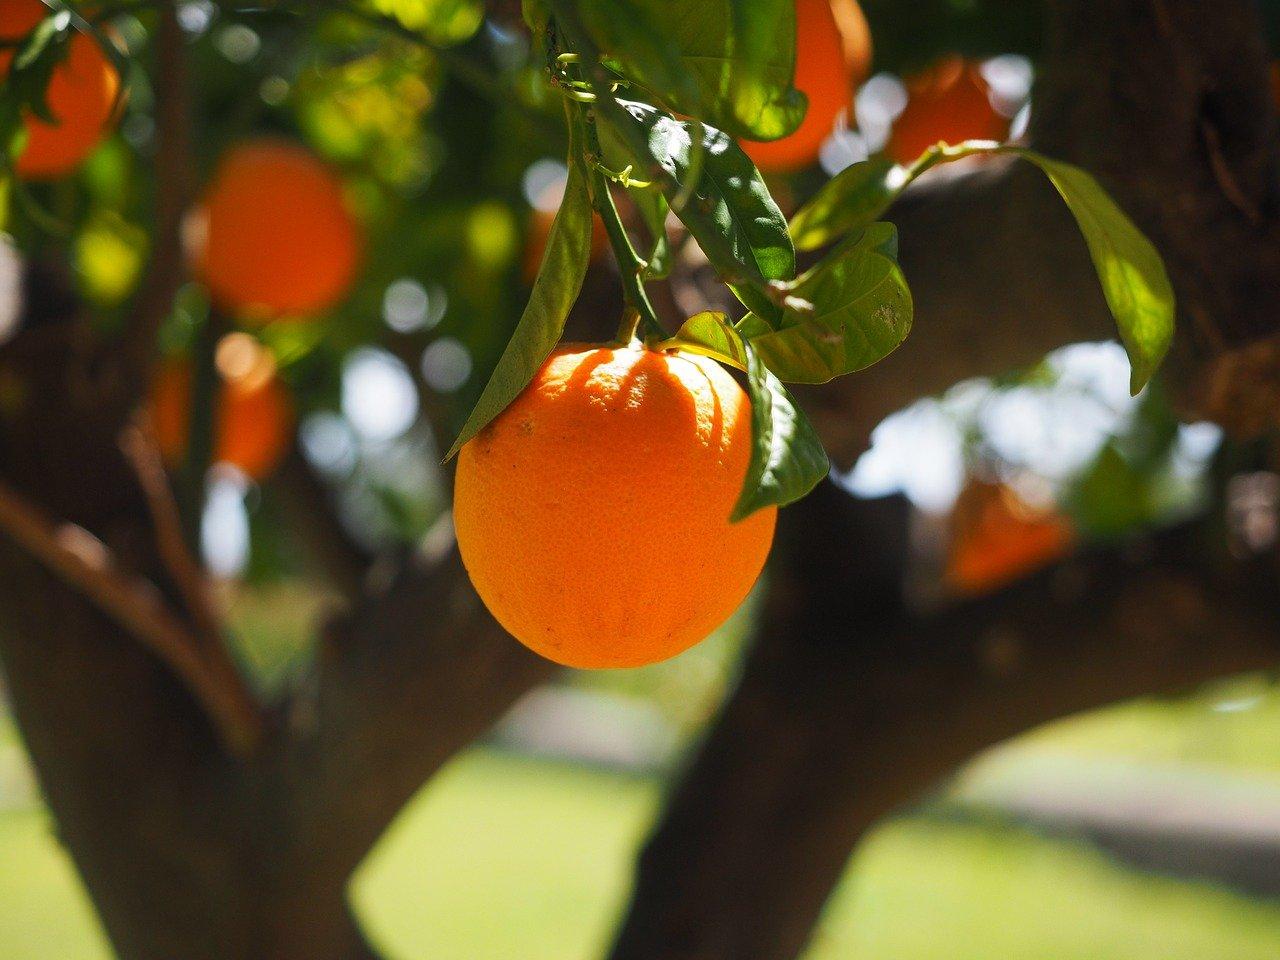 La alimentación sostenible: cinco consejos prácticos